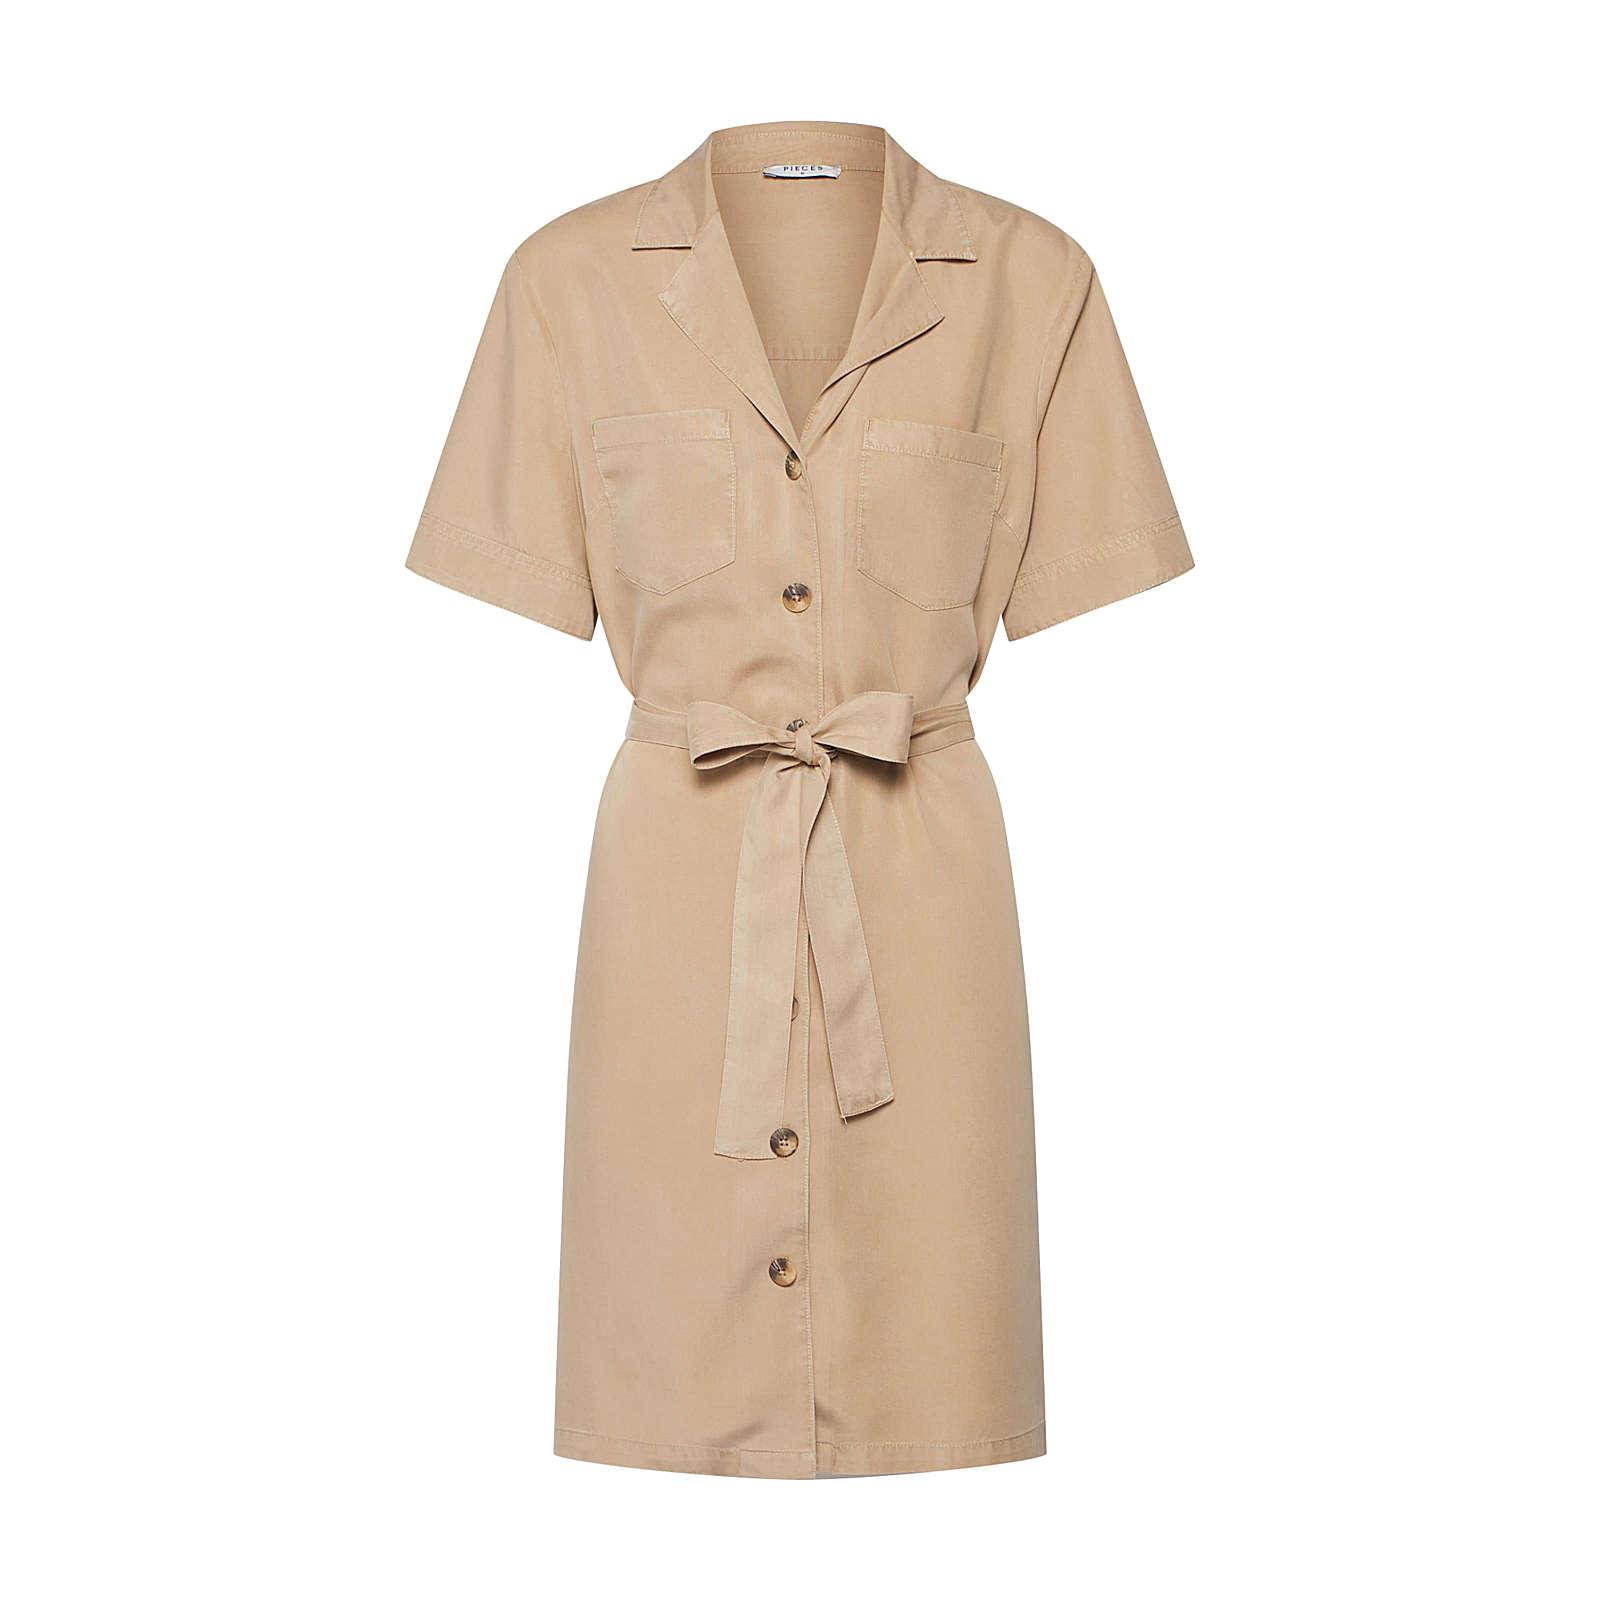 PIECES Blusenkleid WHY Blusenkleider beige Damen Gr. 38